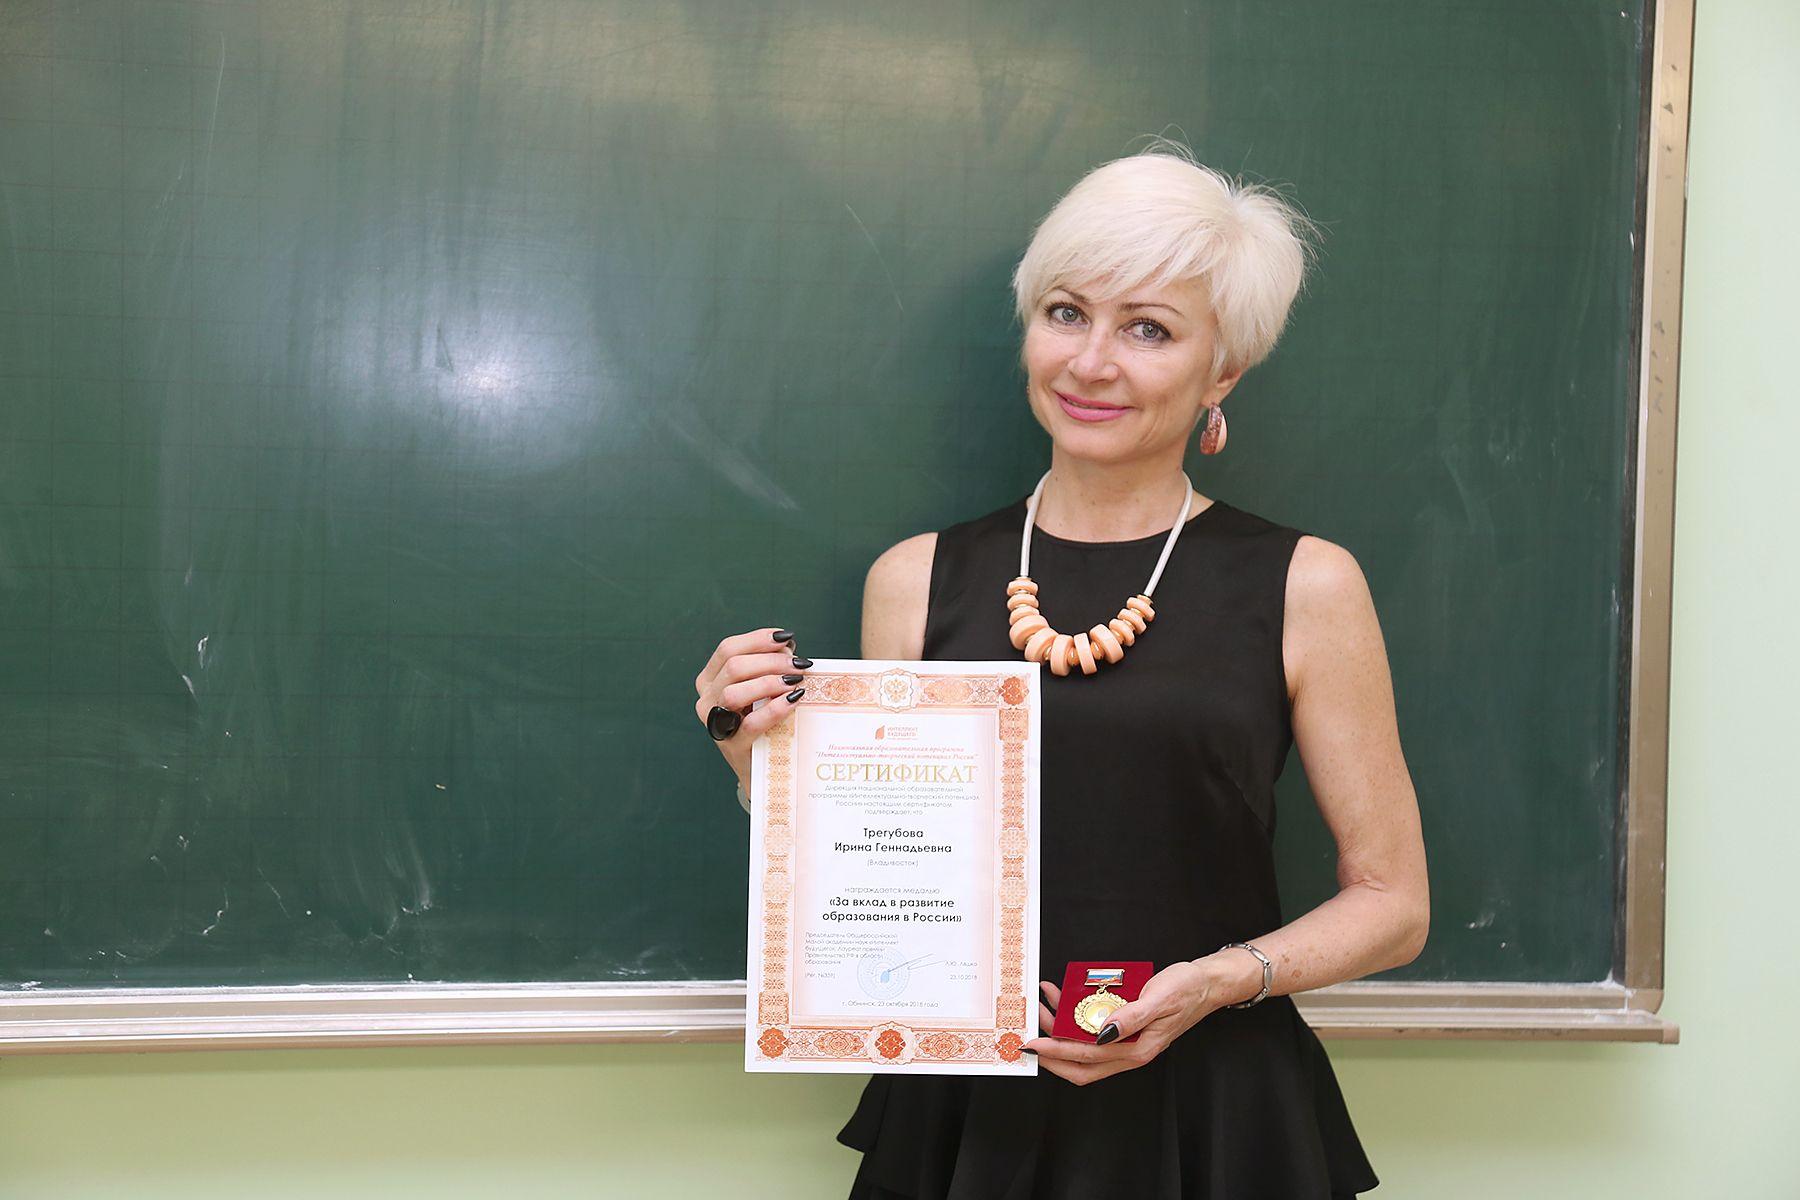 Преподаватель ВГУЭС Ирина Трегубова награждена медалью «За вклад в развитие образования в России»